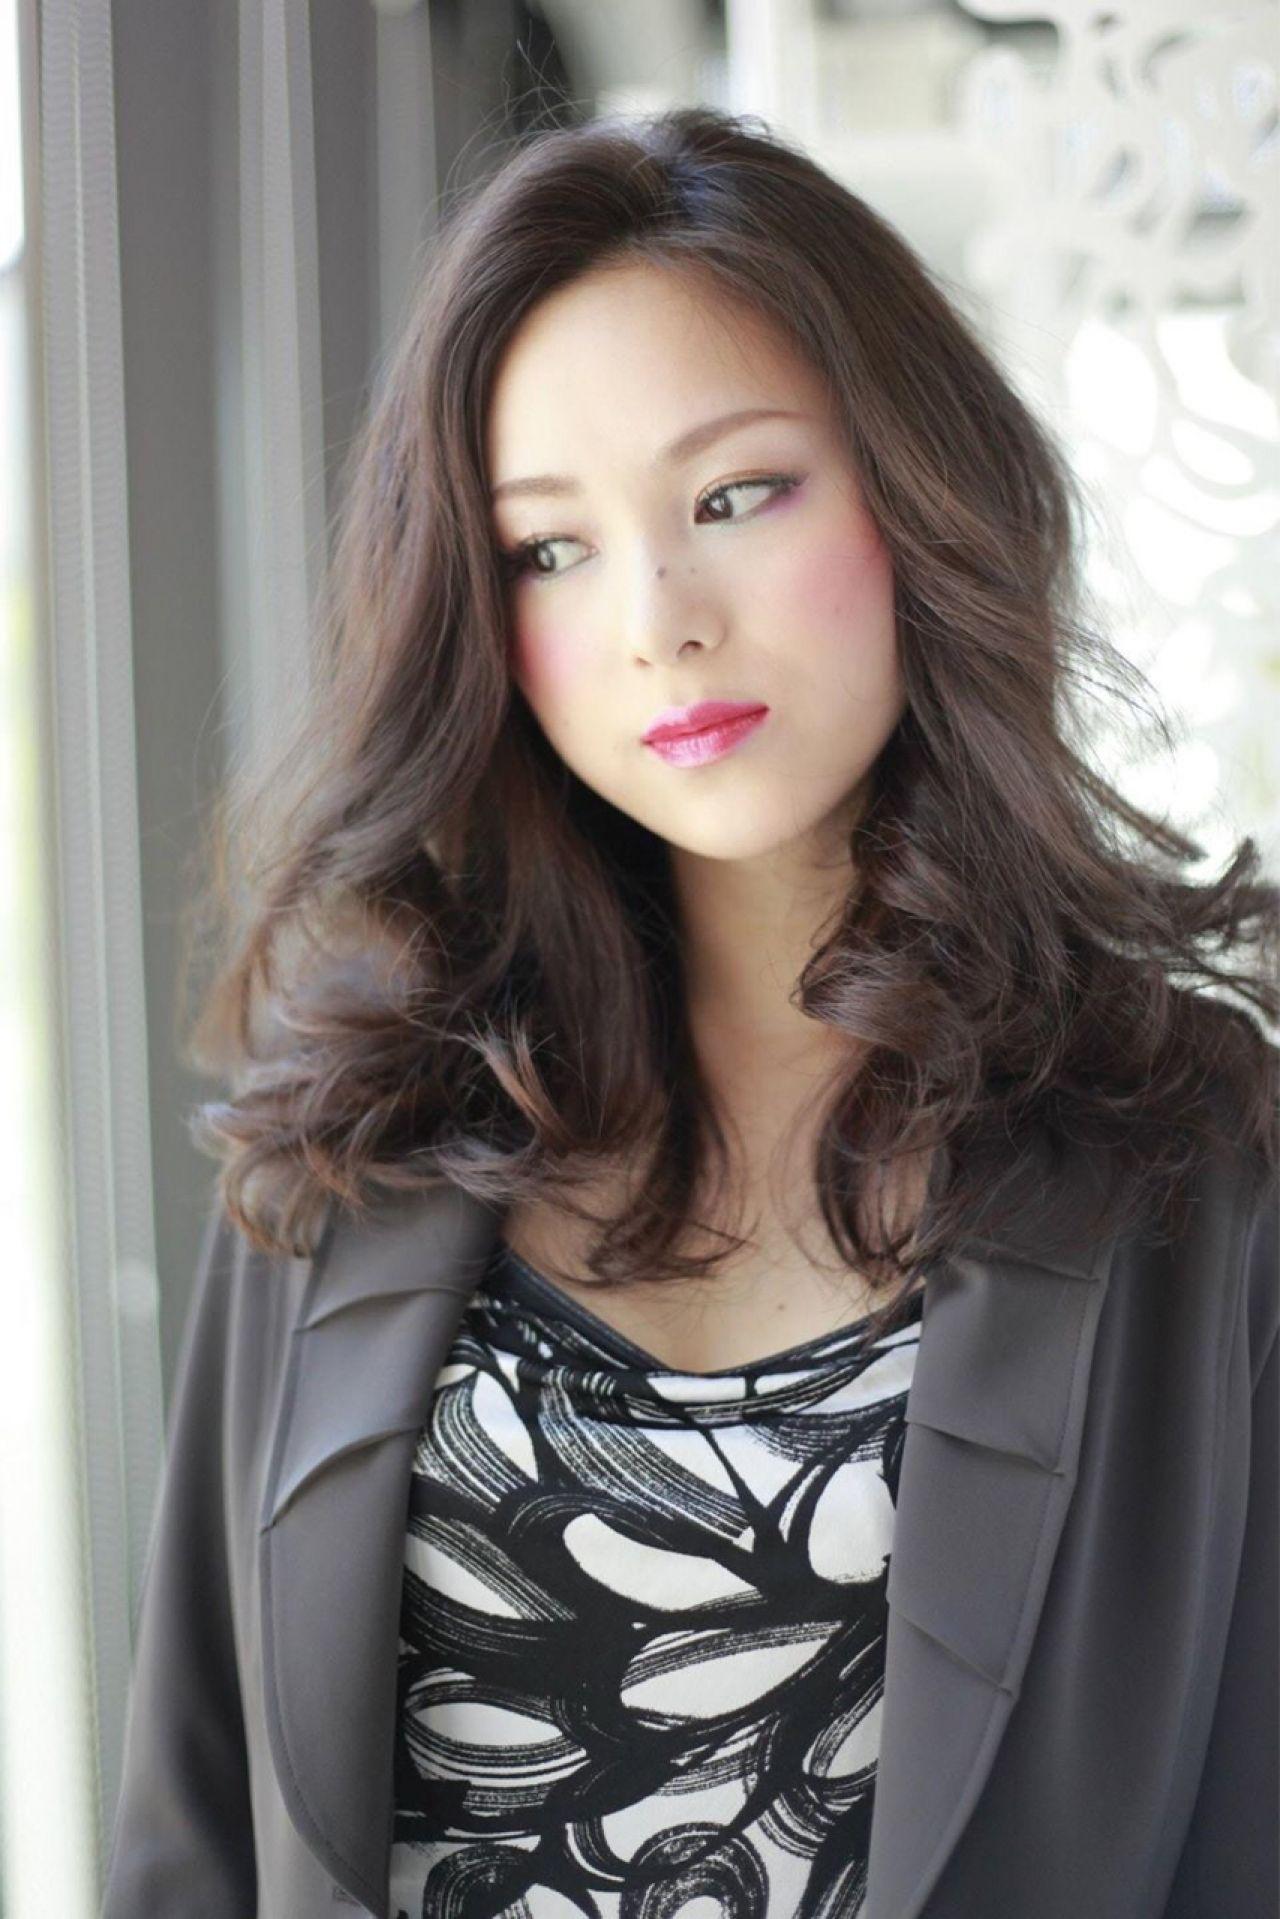 抜け感 かっこいい グラマラス モード ヘアスタイルや髪型の写真・画像